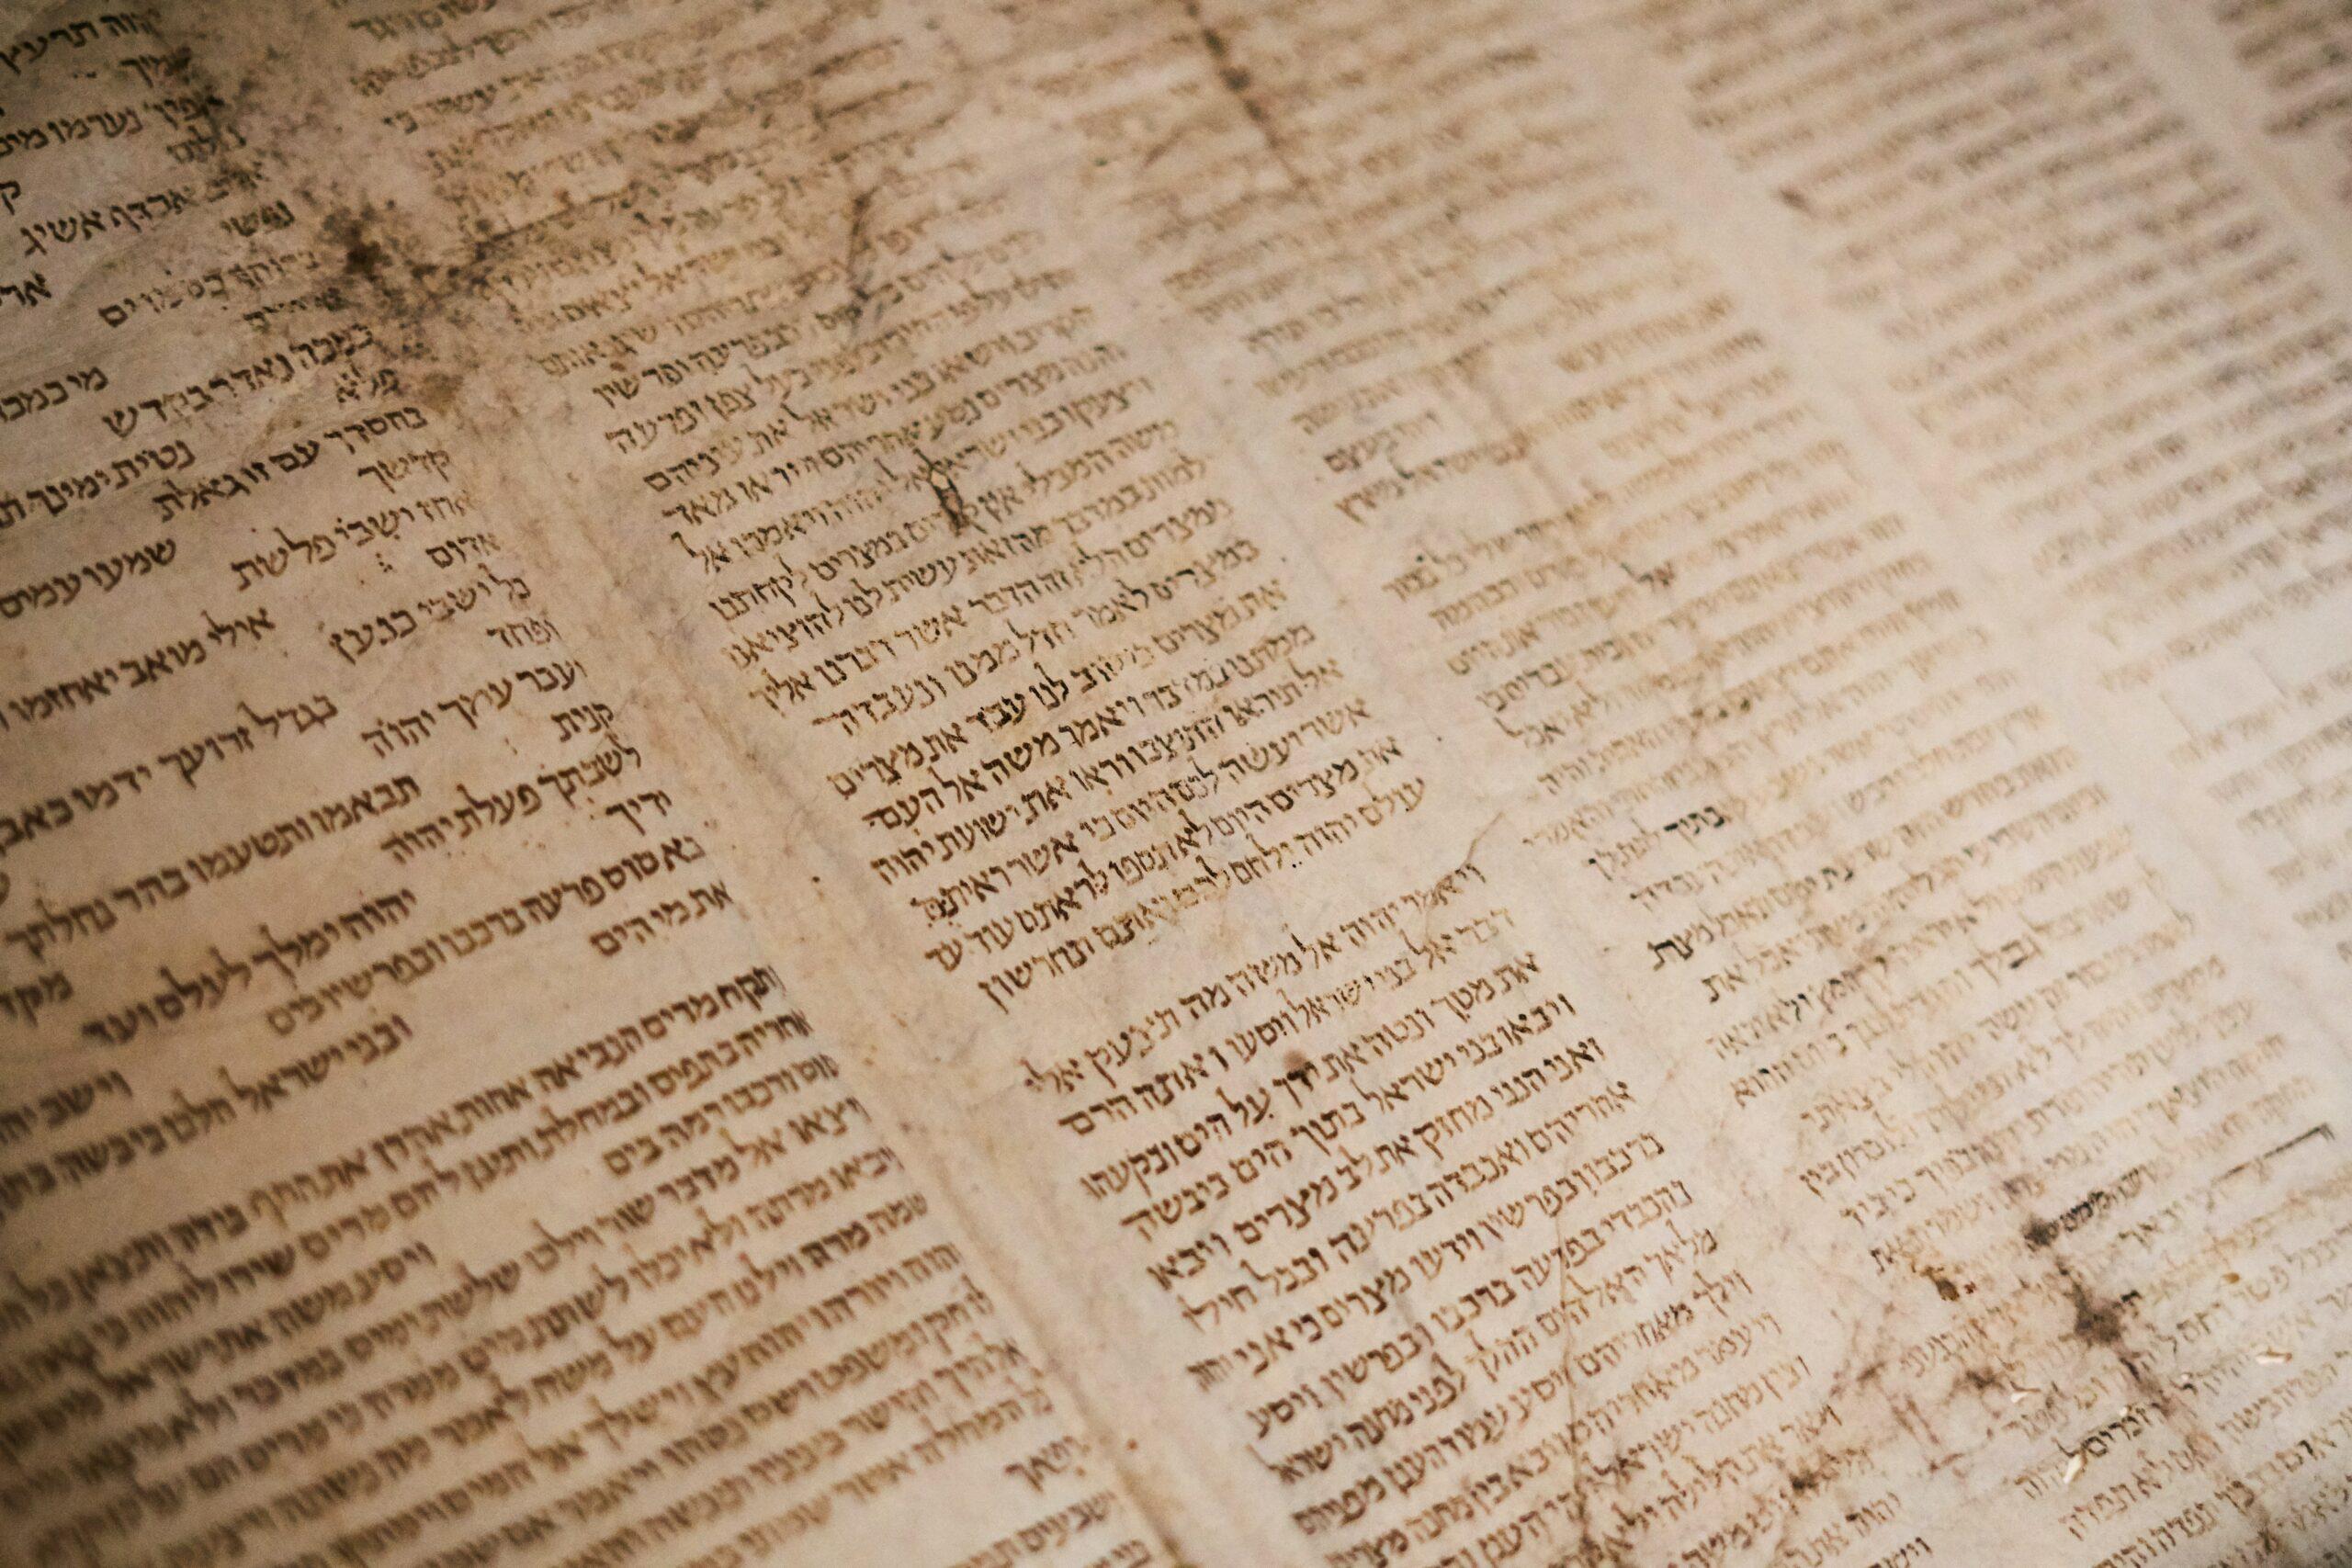 Ferenc pápa téved: A Tóra törvényei életet adnak